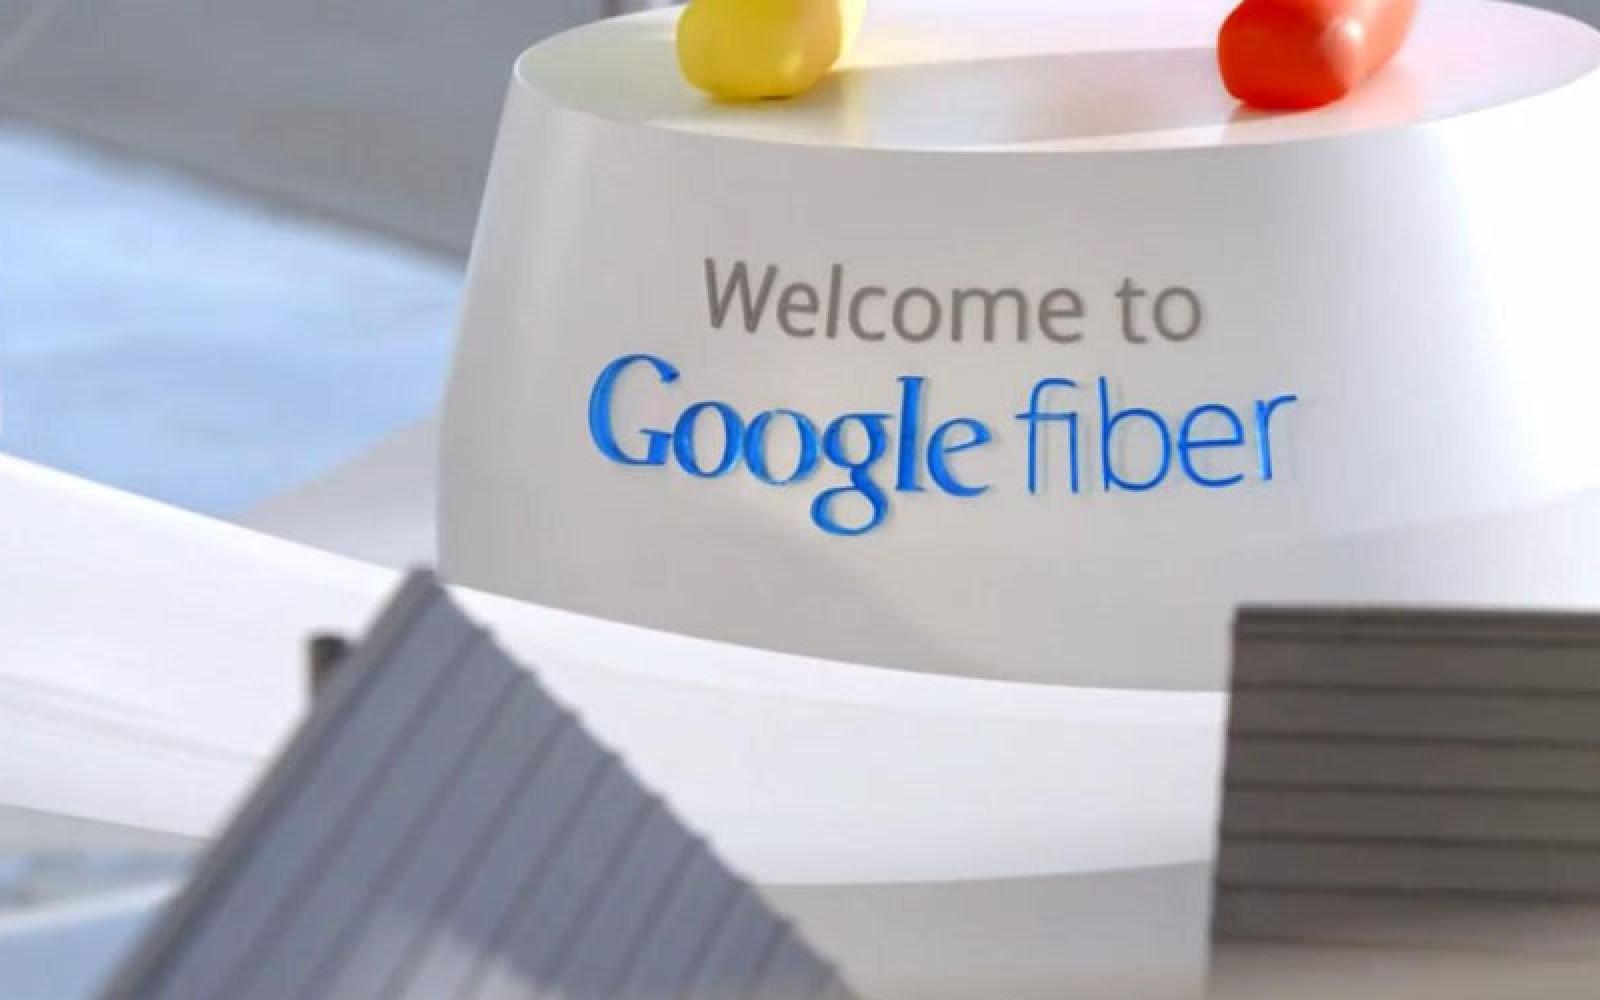 FCC filing reveals Google seeking to test wireless Fiber broadband in 24 U.S. locations